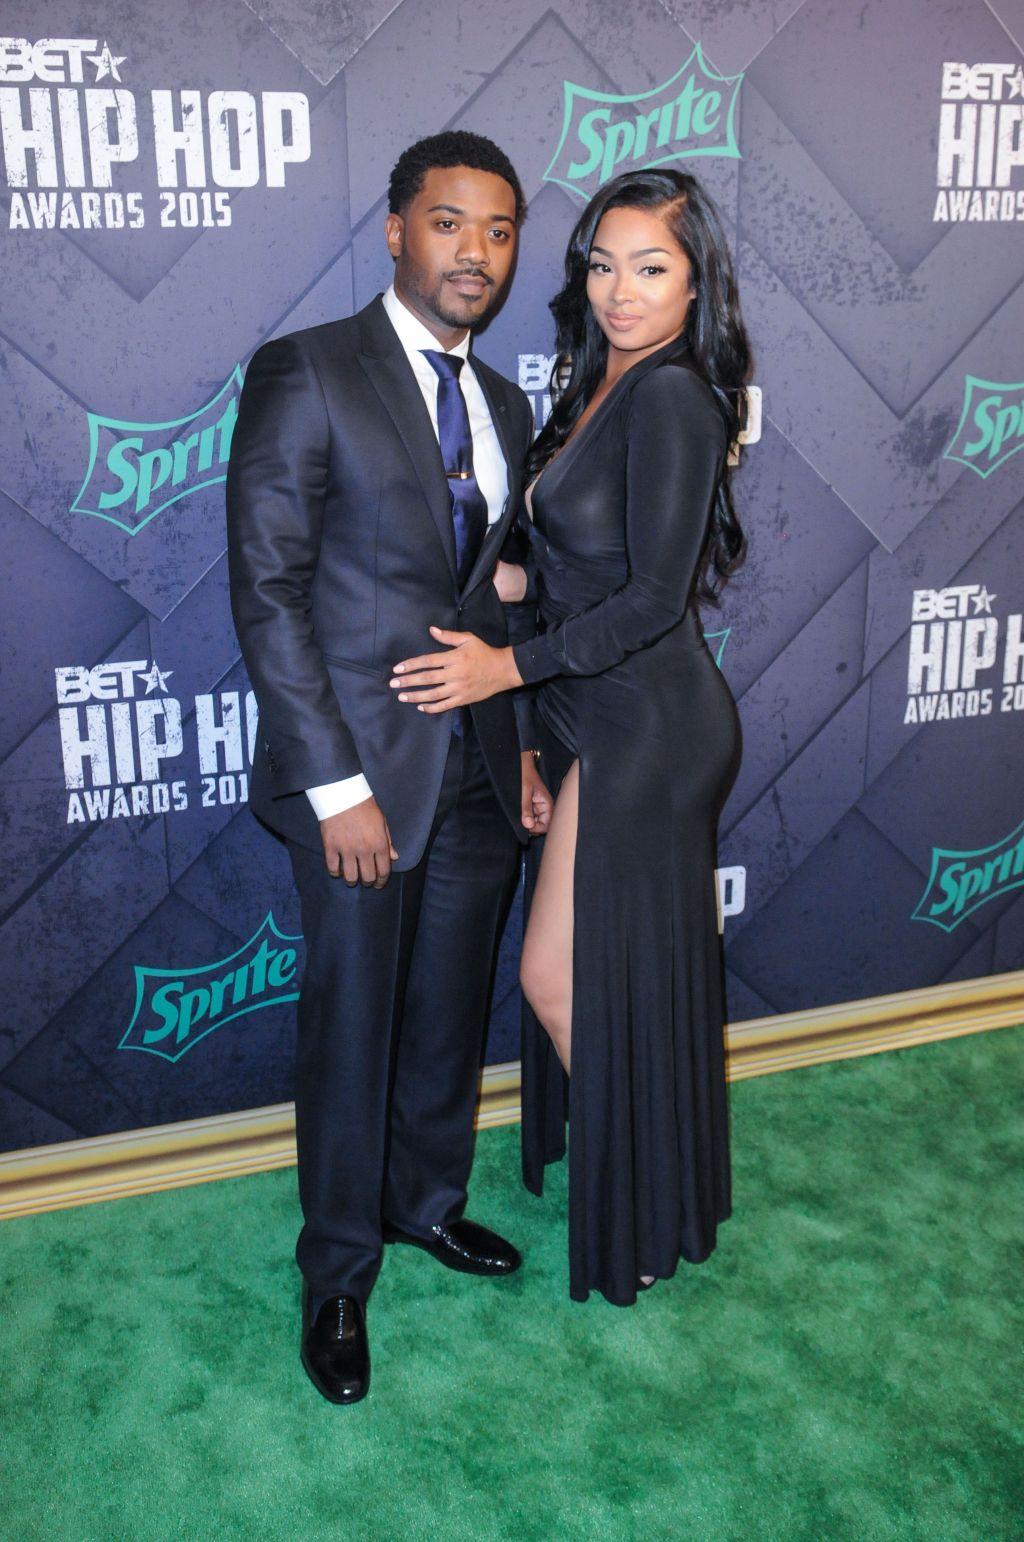 Ray J and Princess Love at the 2015 BET Hip-Hop Awards